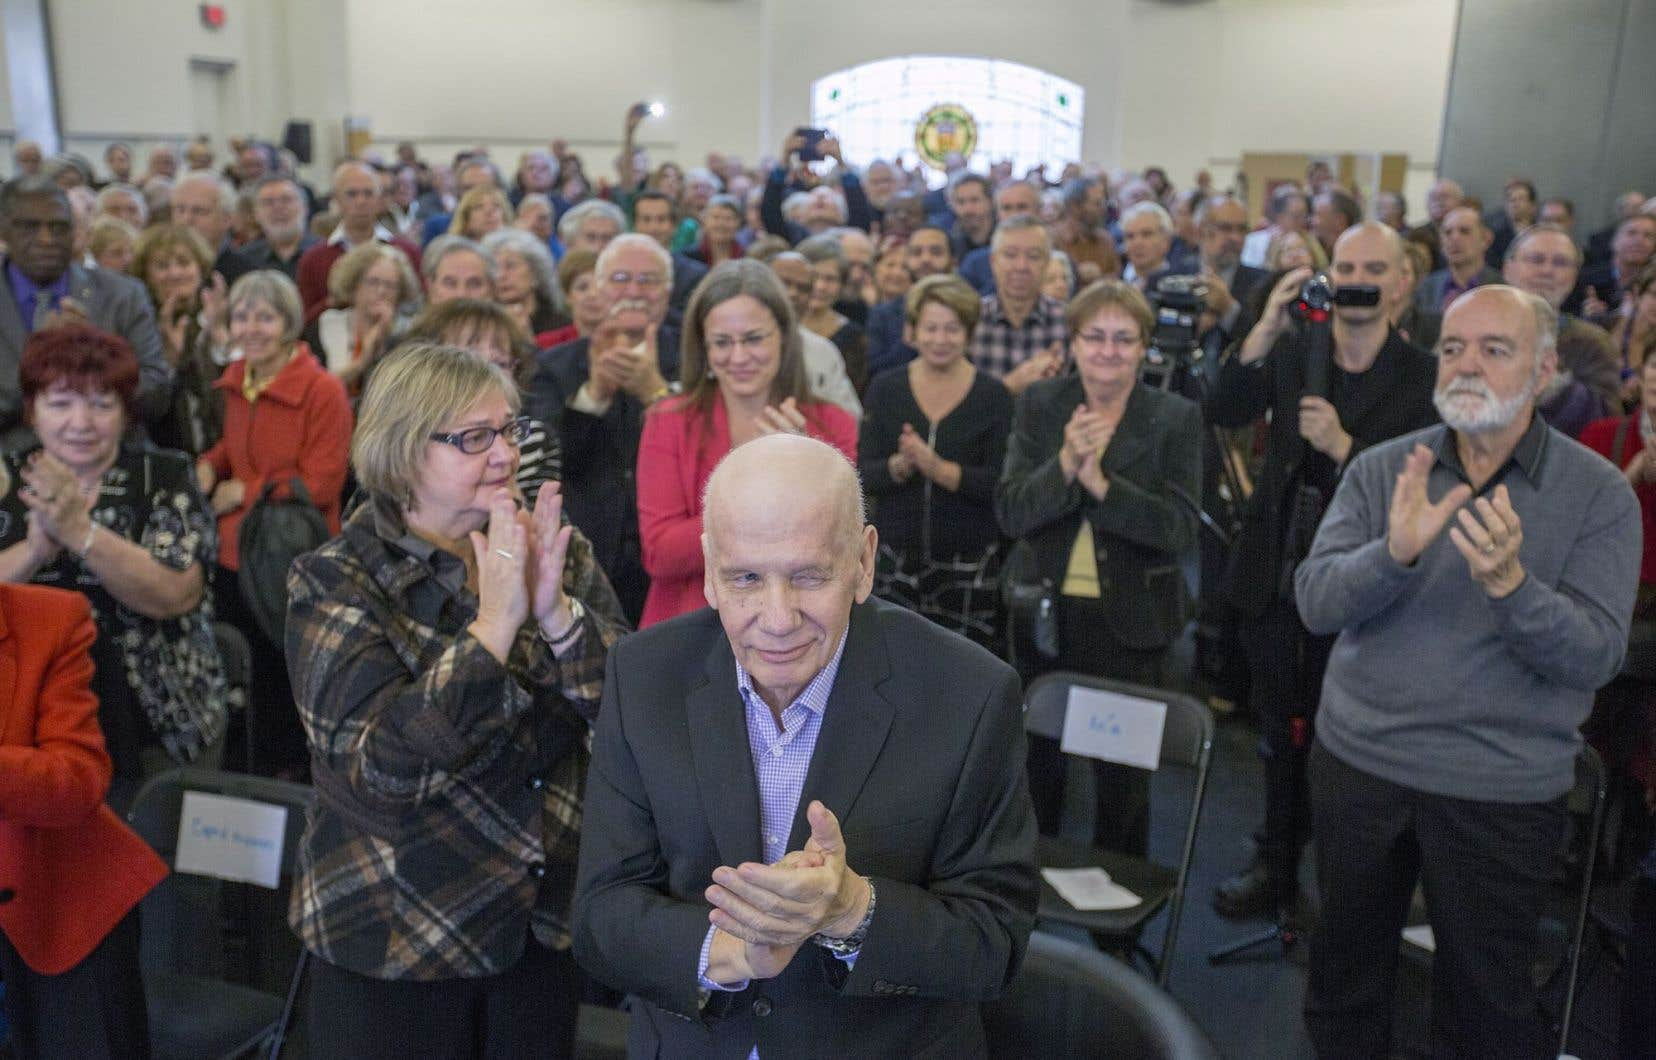 L'ex-maire de Montréal Jean Doré fêtait aussi son 70eanniversaire.